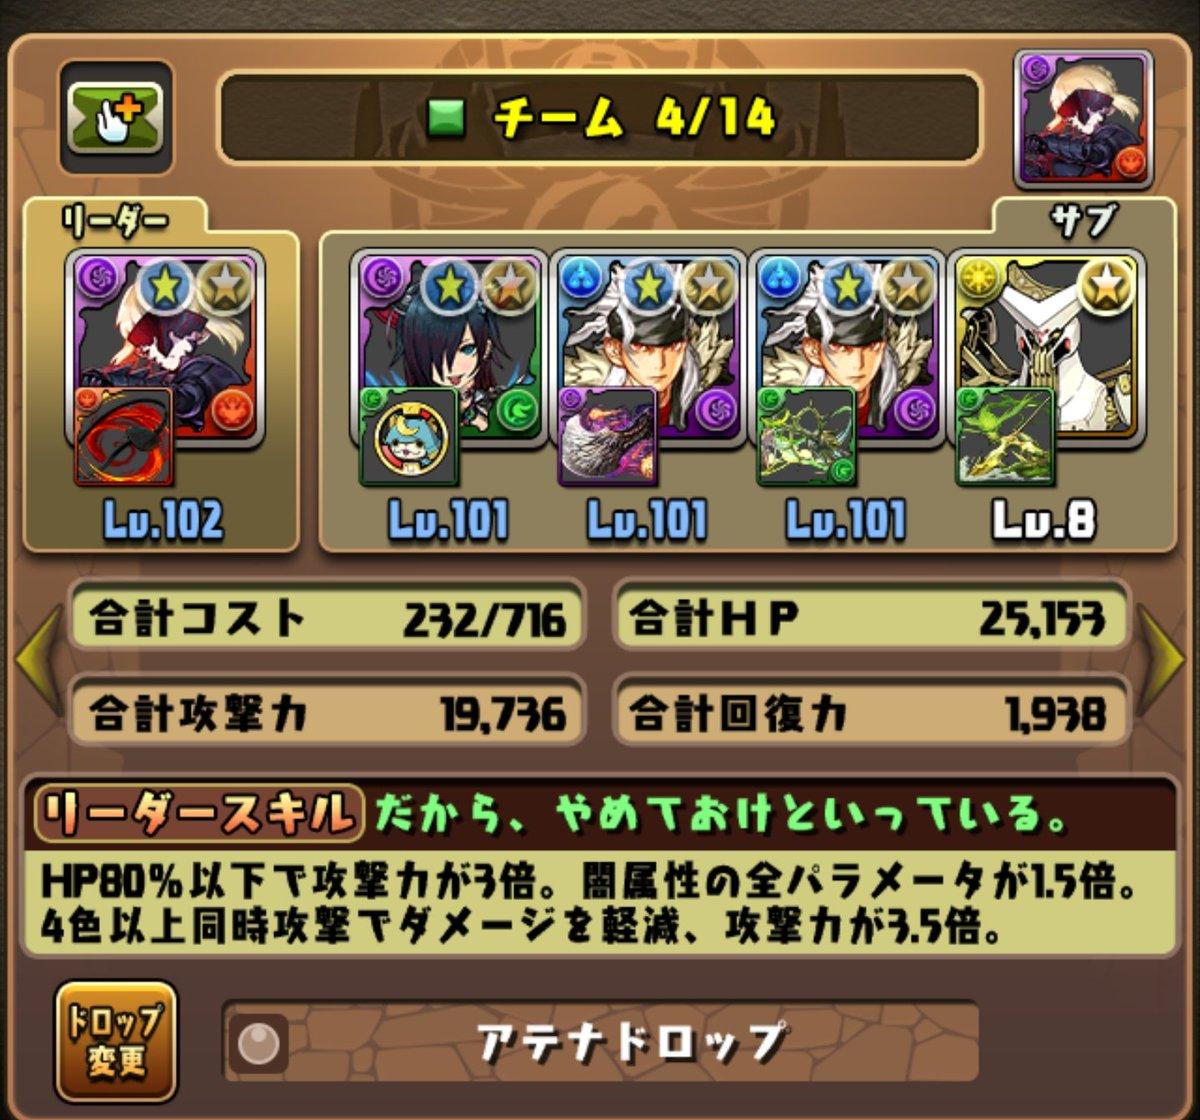 ダンジョン 9 チャレンジ